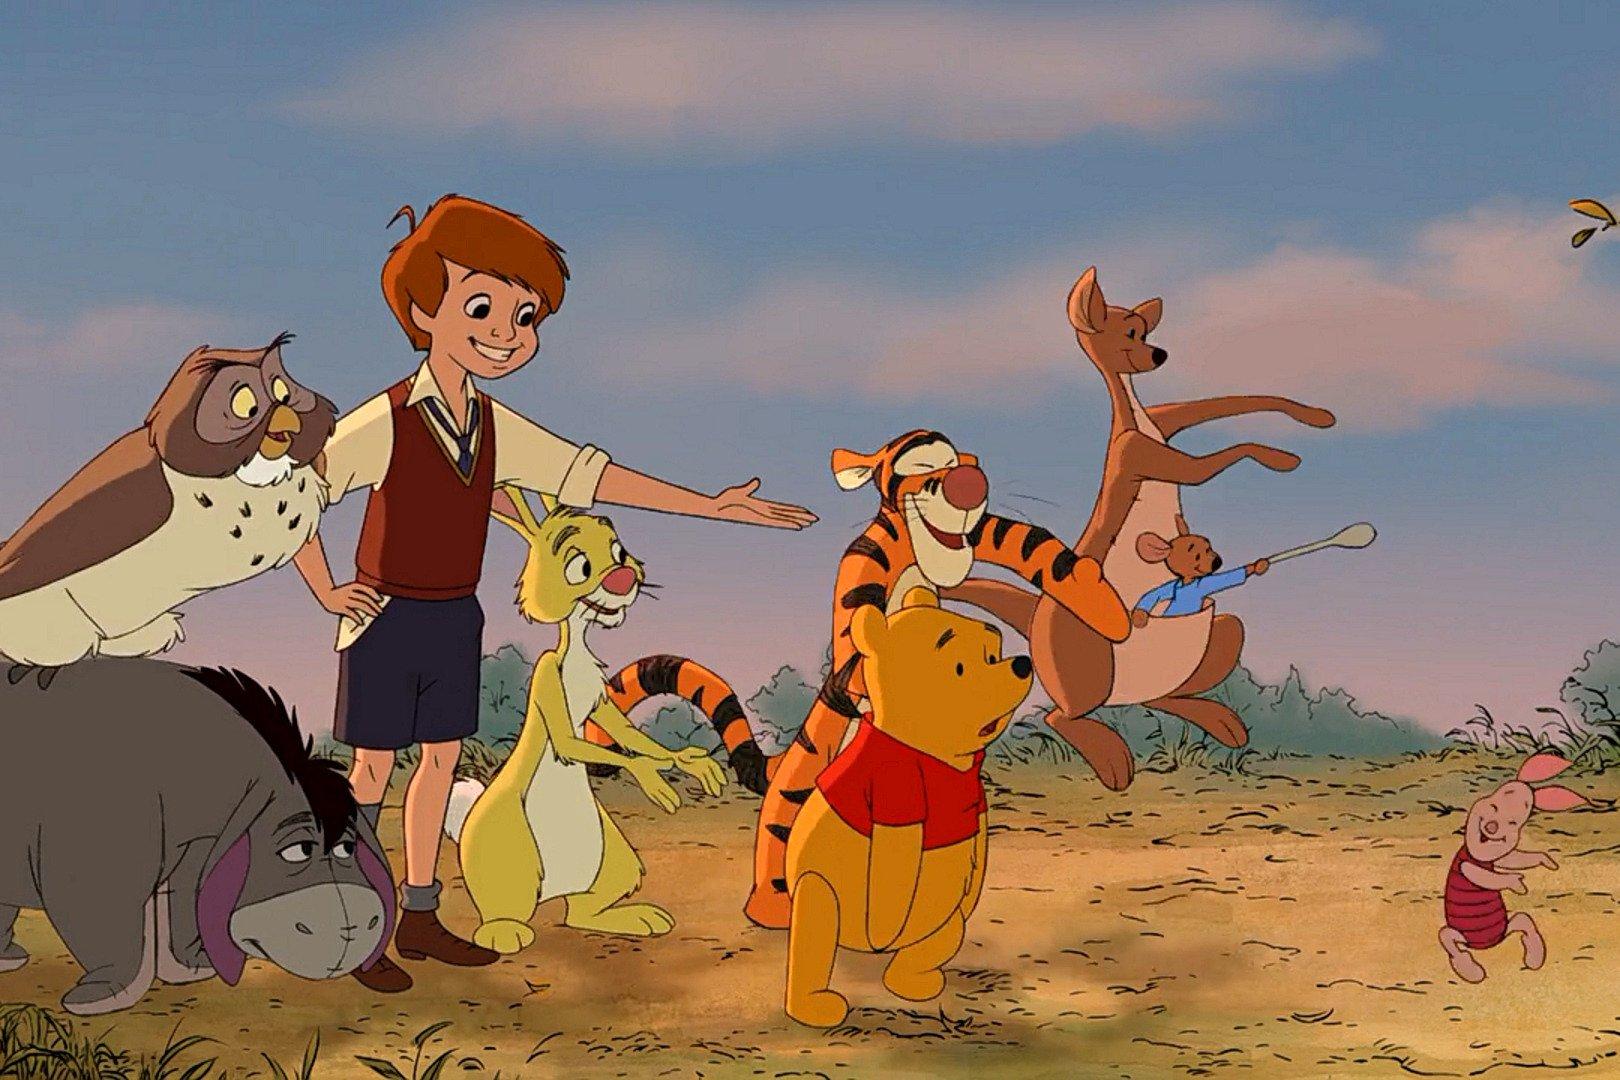 Возвращение Винни-Пуха Студия Disney показала трейлер нового фильма